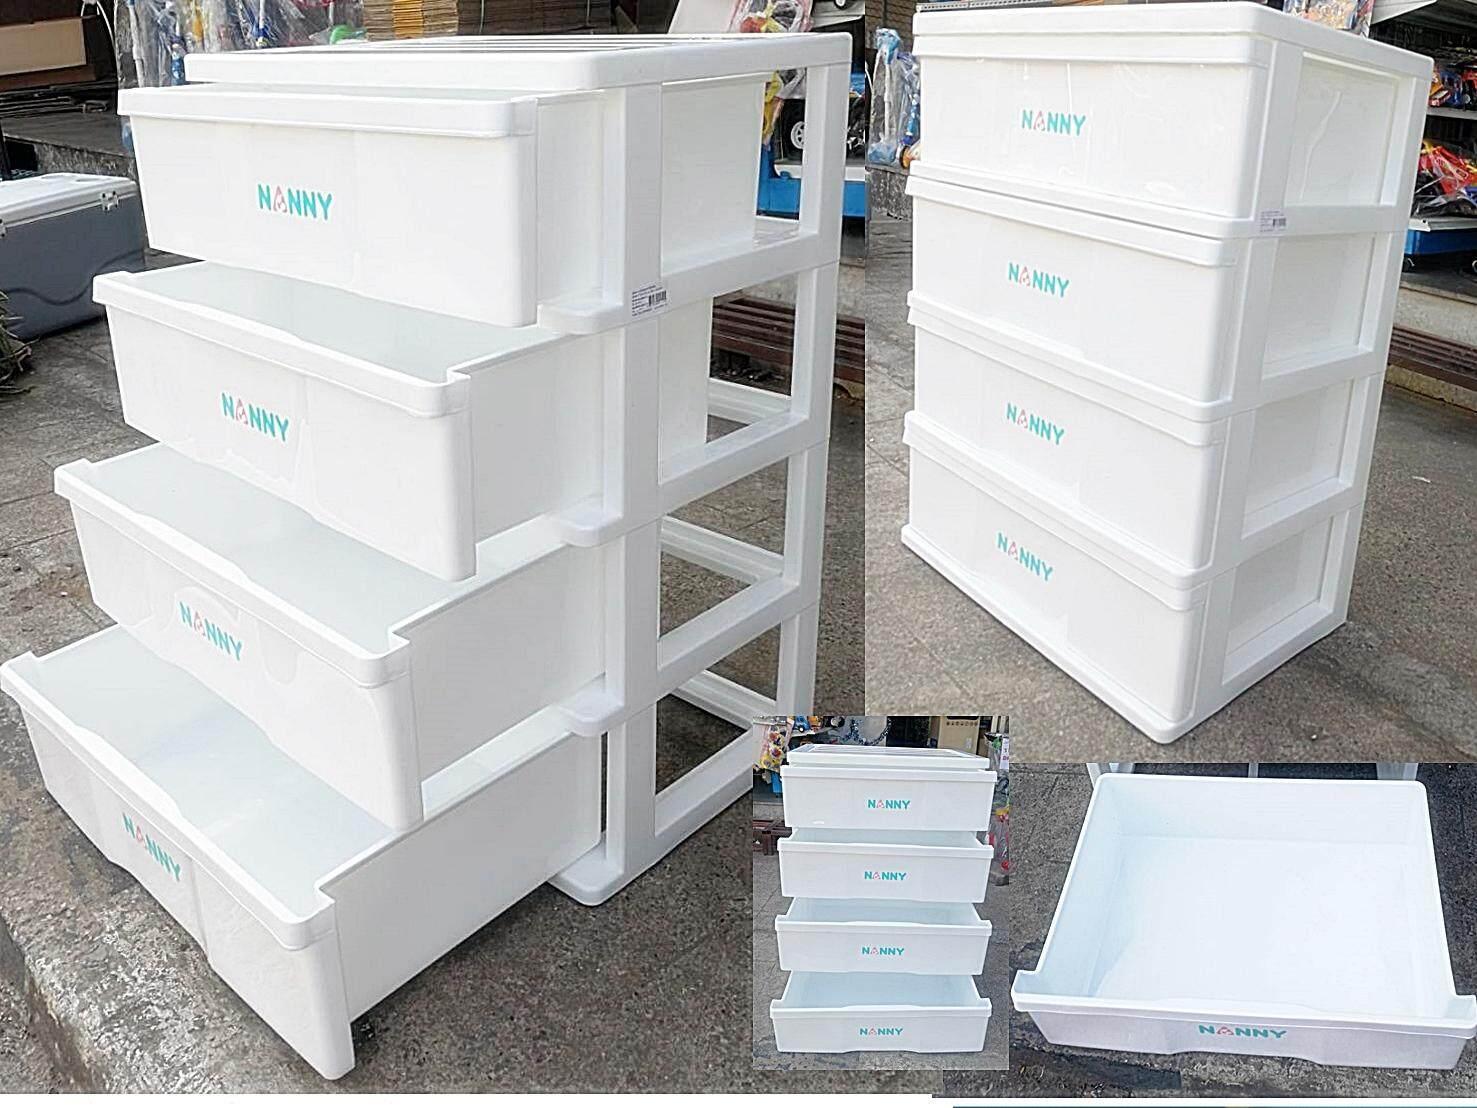 โปรโมชั่น NANNY ลิ้นชักอเนกประสงค์ 4 ชั้น รุ่น S4-2999 NANNY แนนนี่ กล่องใส่อุปกรณ์ของใช้ลูกเอนกประสงค์ ( กรุณาสั่ง 1 ออเดอร์ต่อ 1 ชิ้น )